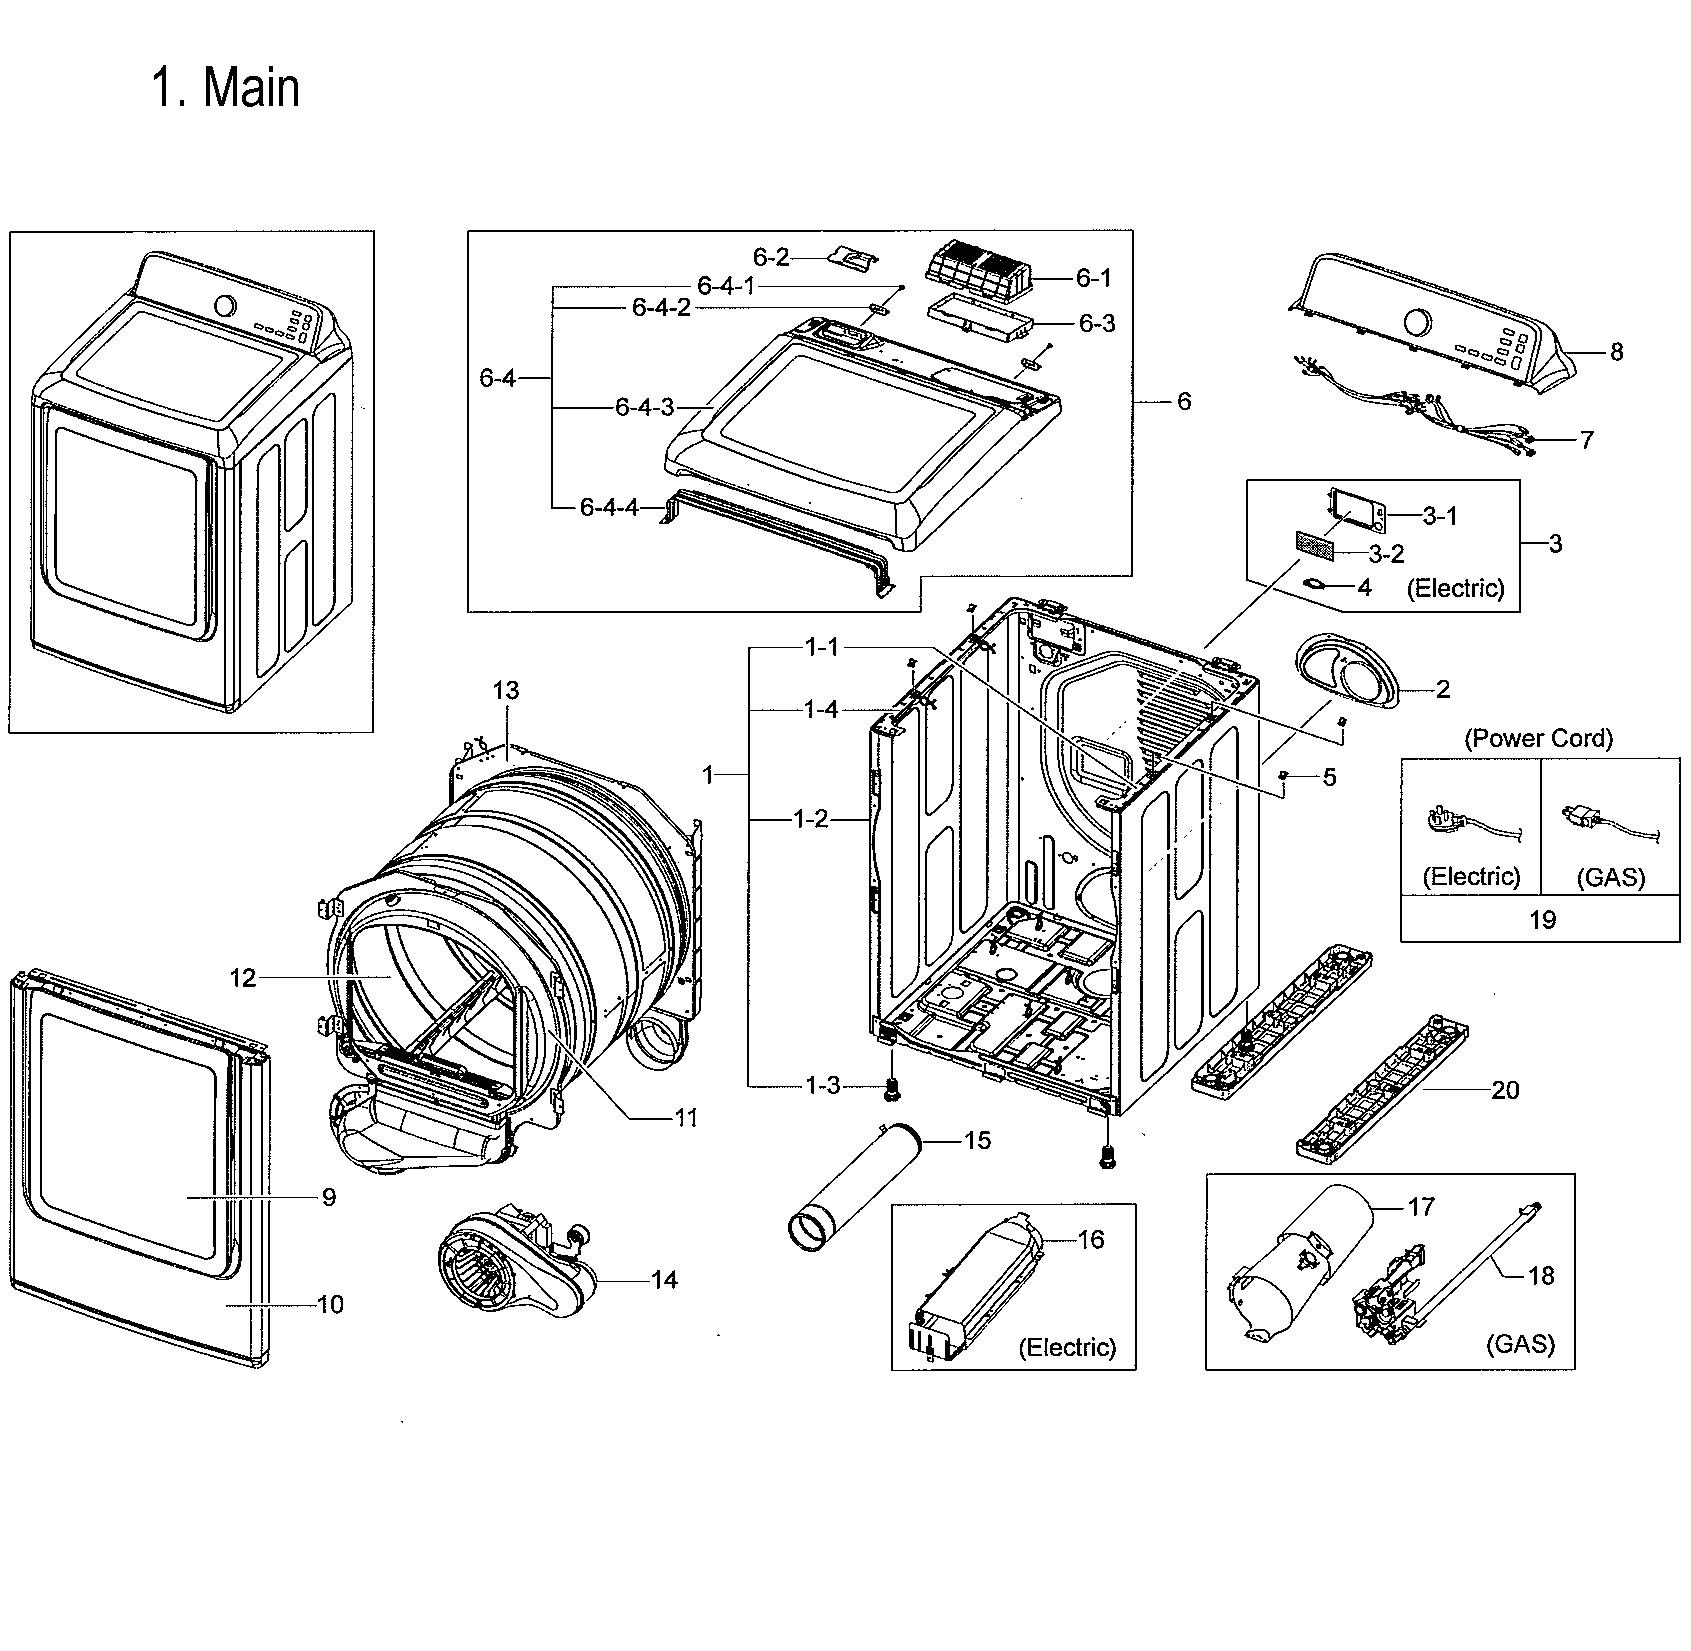 Samsung Dve52m V A3 Dryer Drum Wrapper